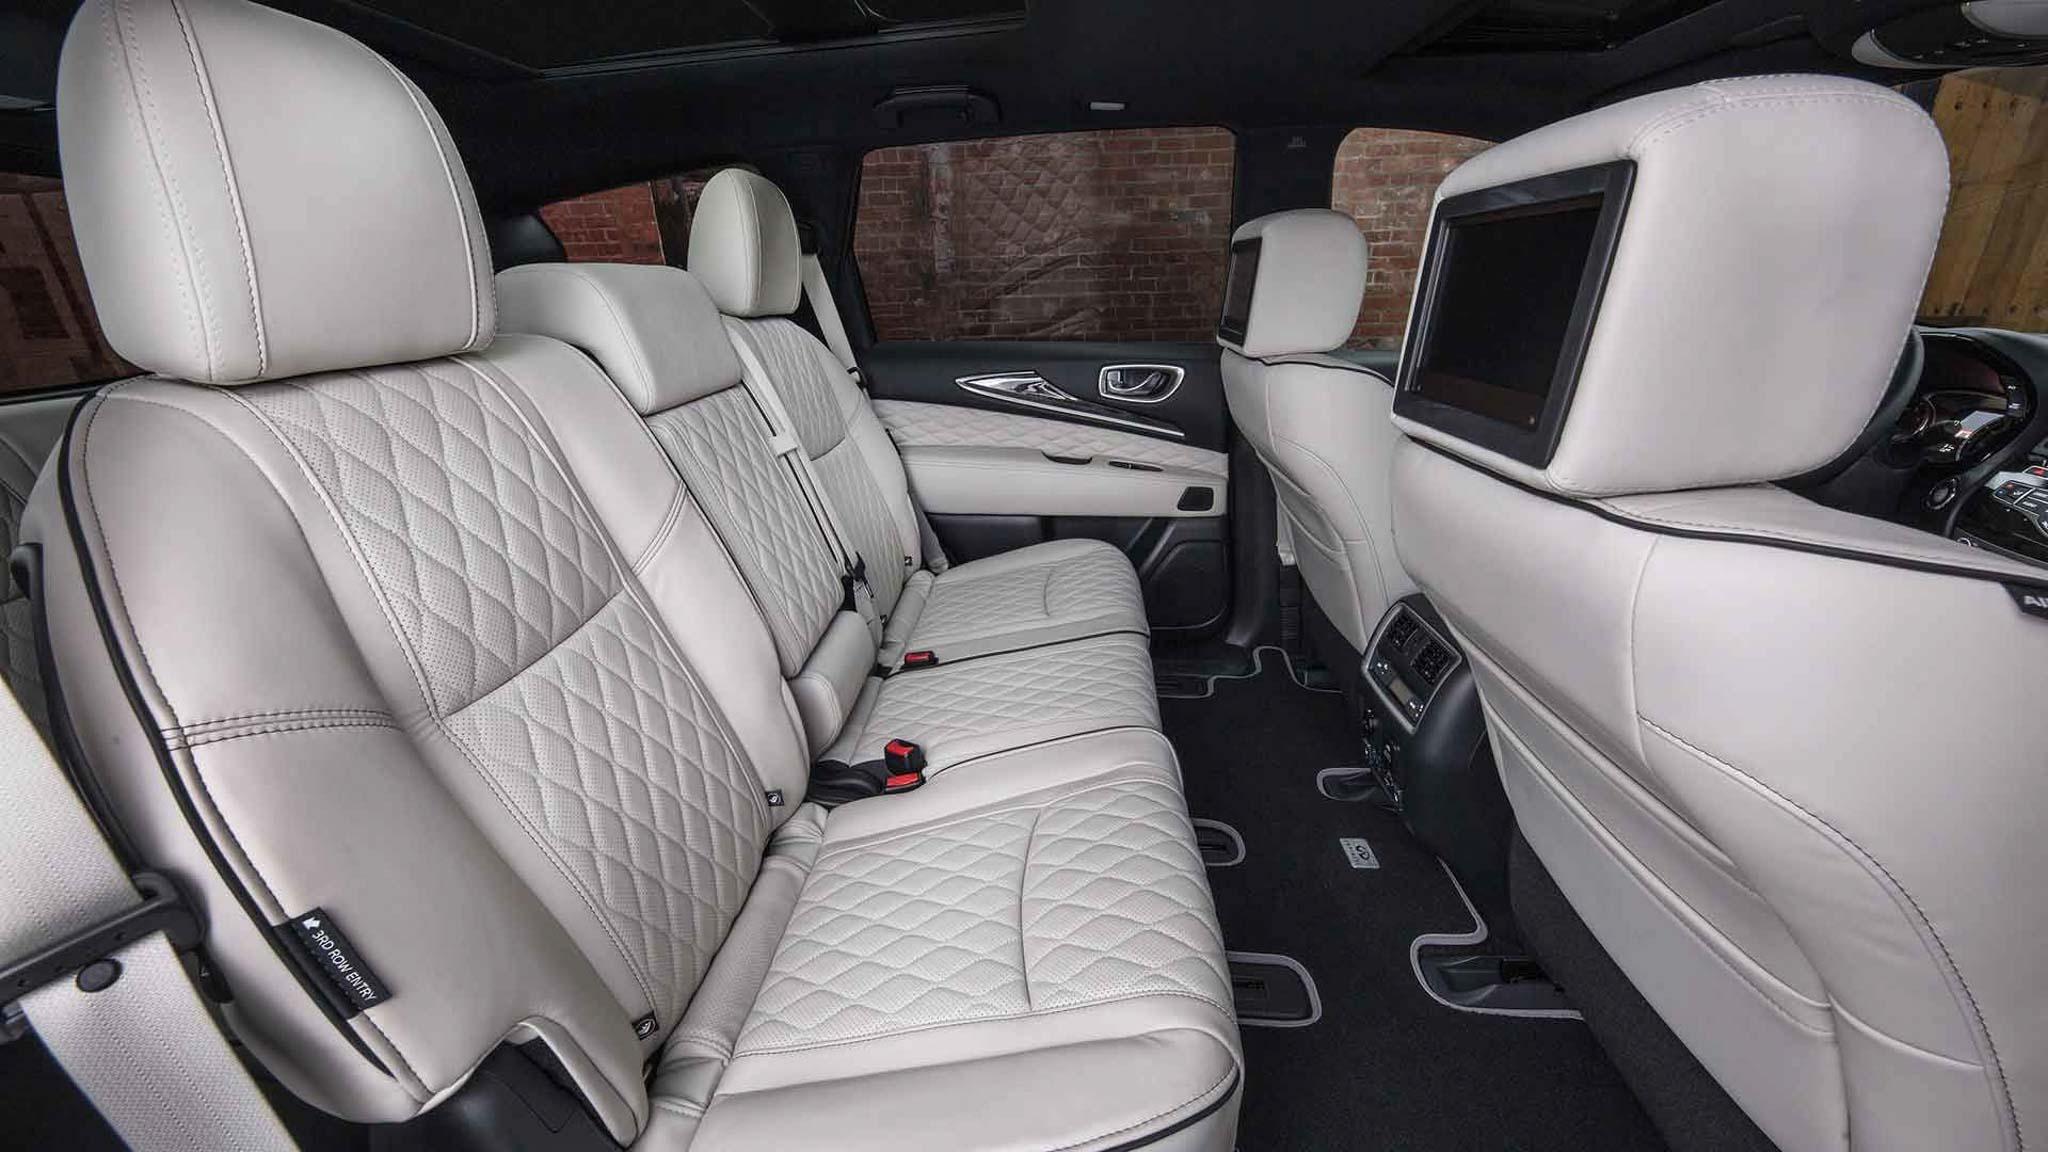 Thị trường xe - Infiniti trình làng bộ đôi SUV hạng sang QX60, QX80 bản giới hạn (Hình 6).